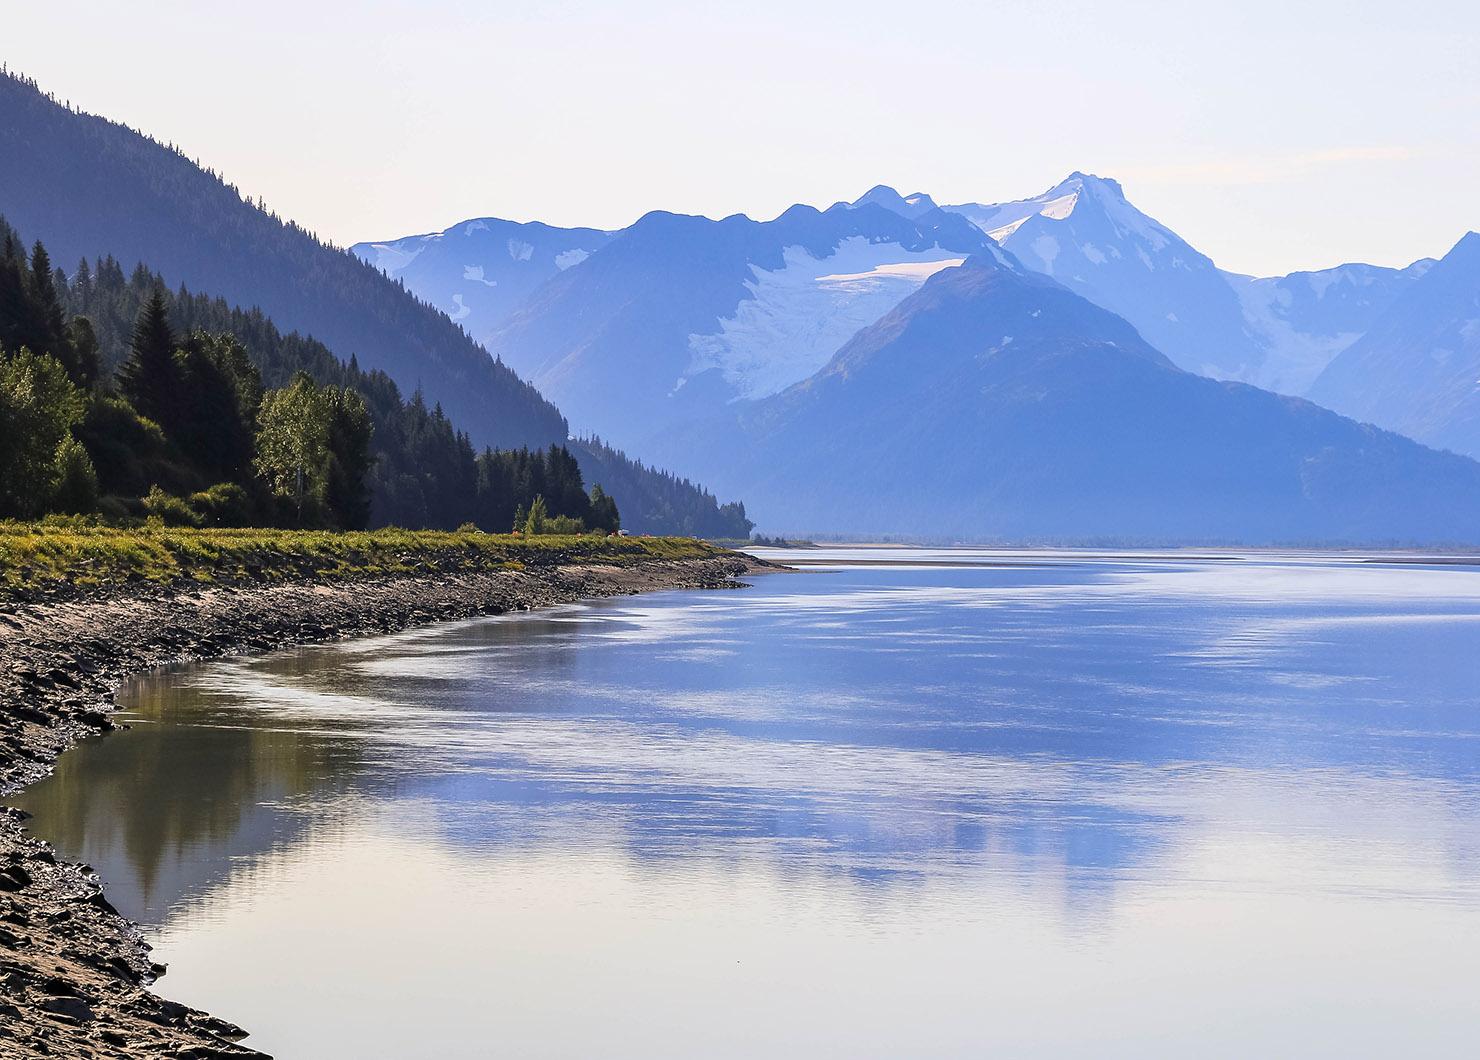 O melhor final de semana no itinerário de viagem no Alasca • The Blonde Abroad 4